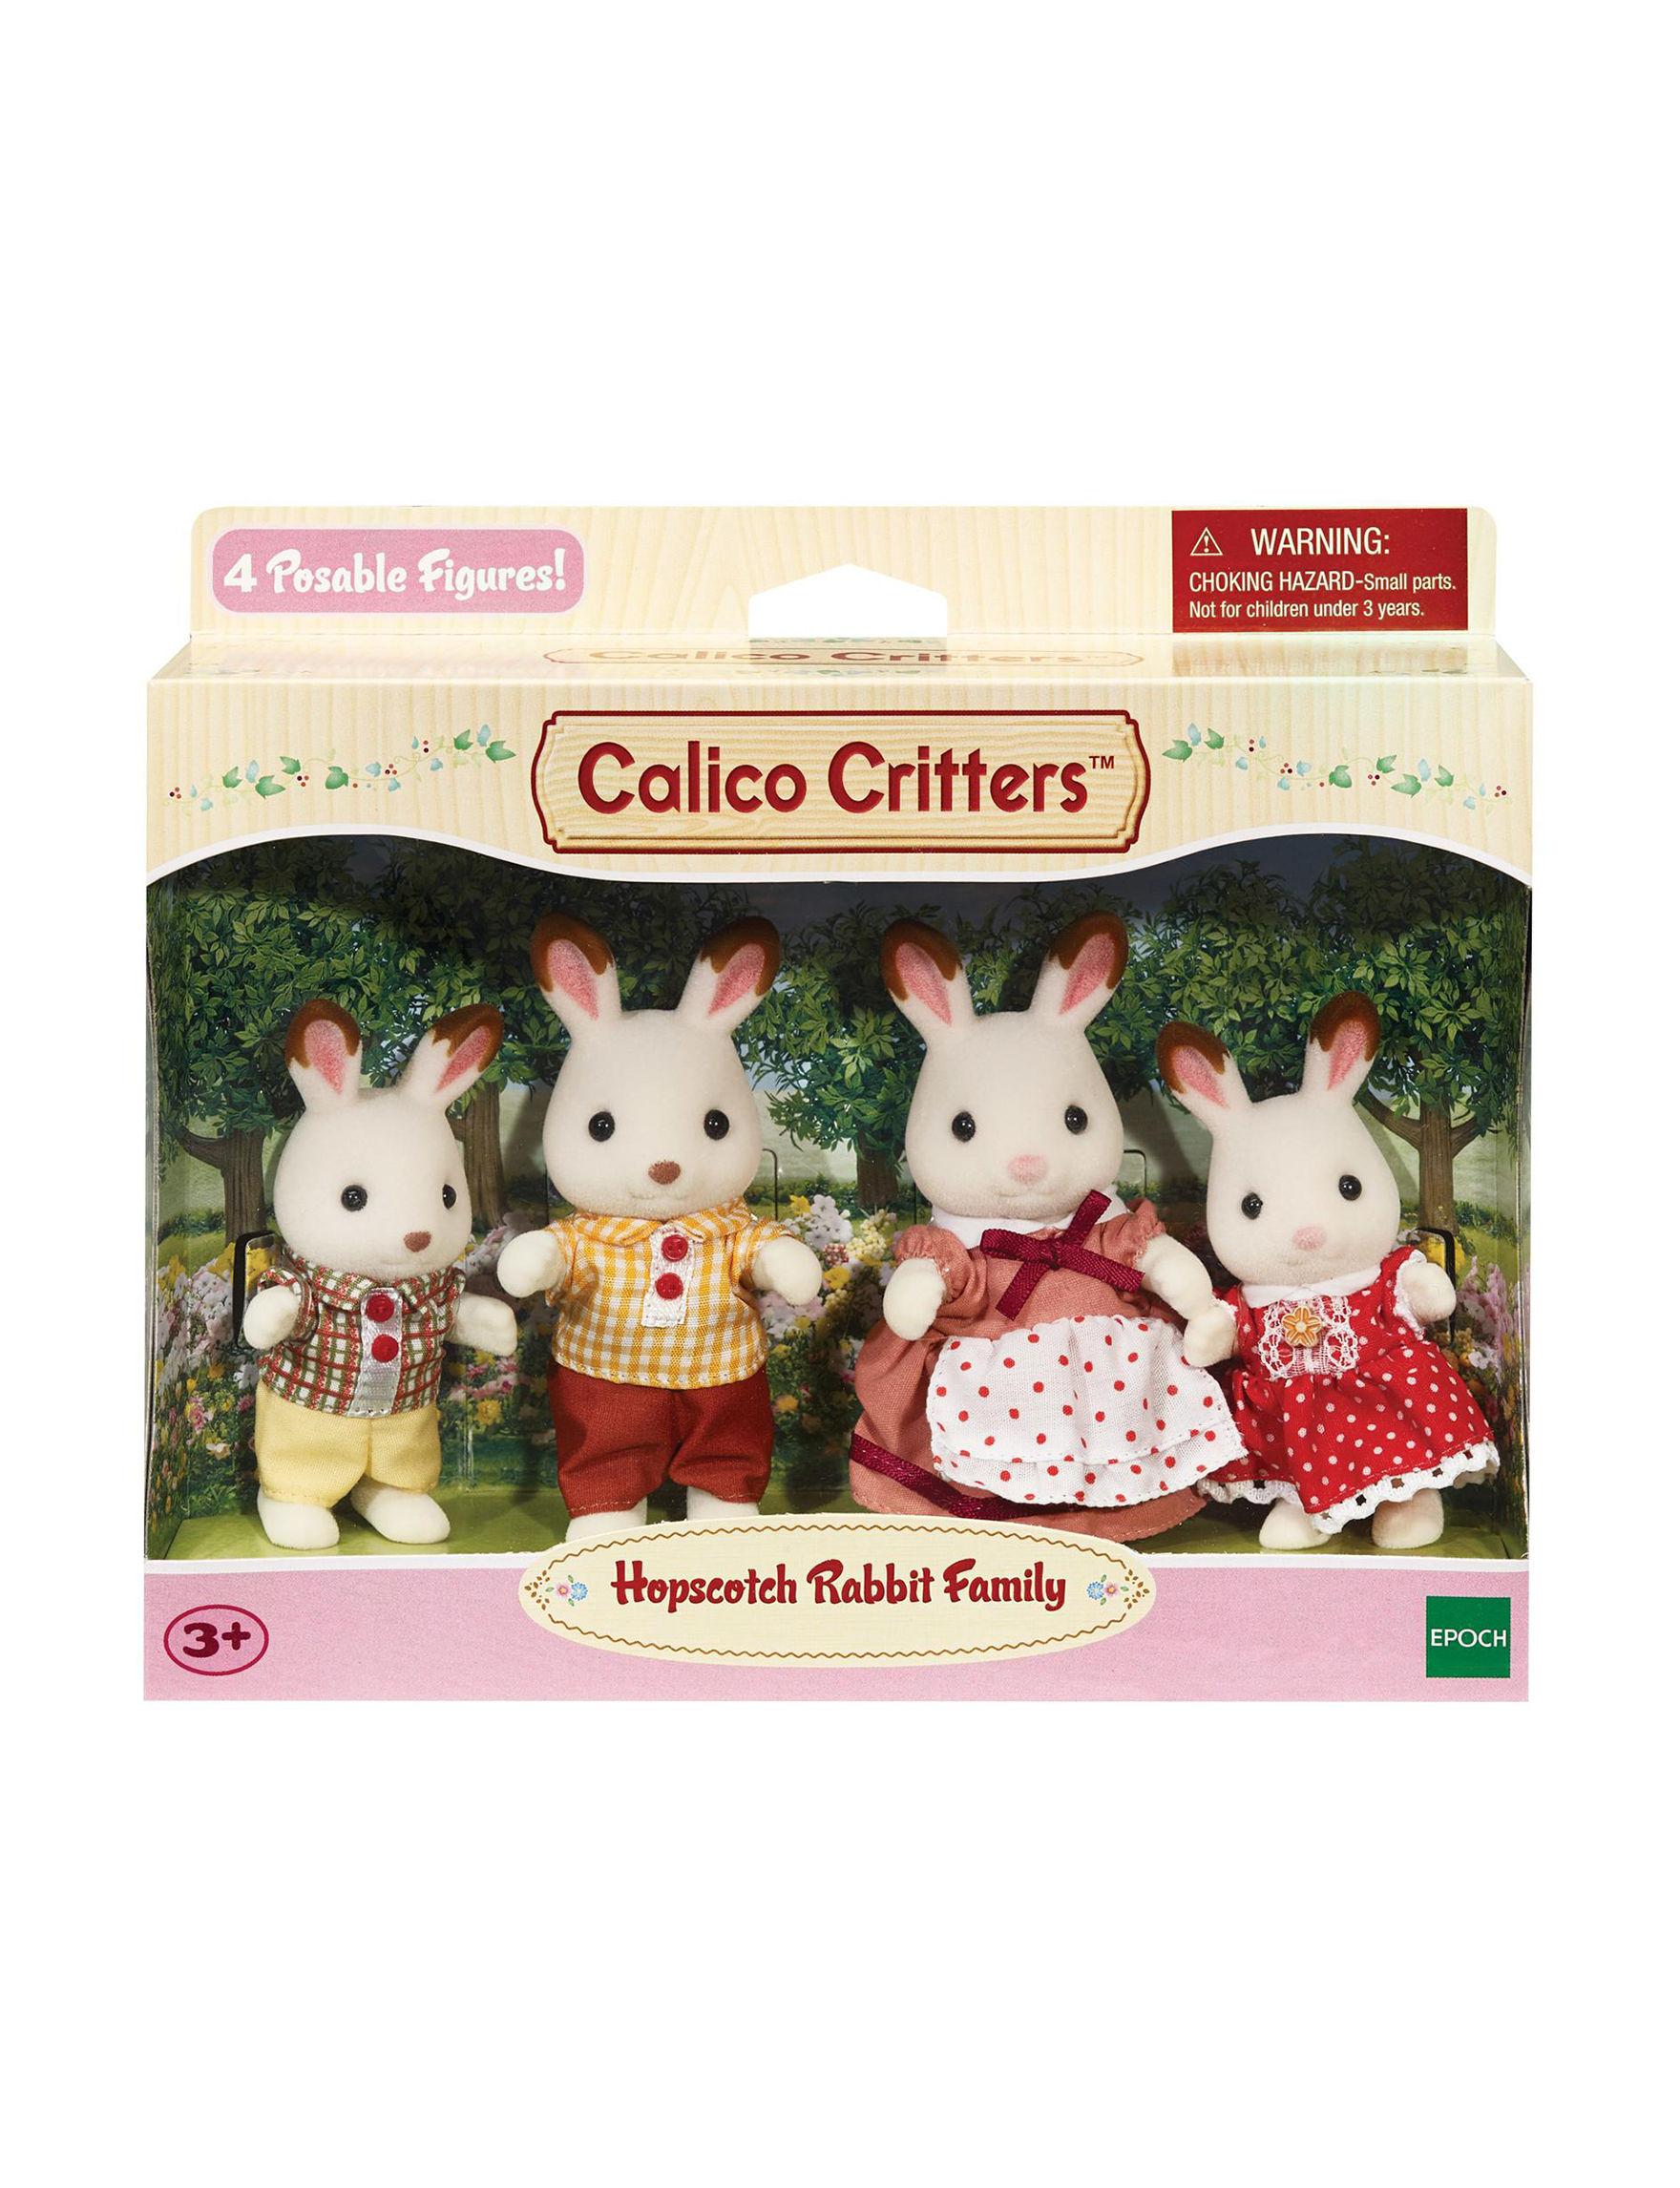 Calico Critters White / Multi